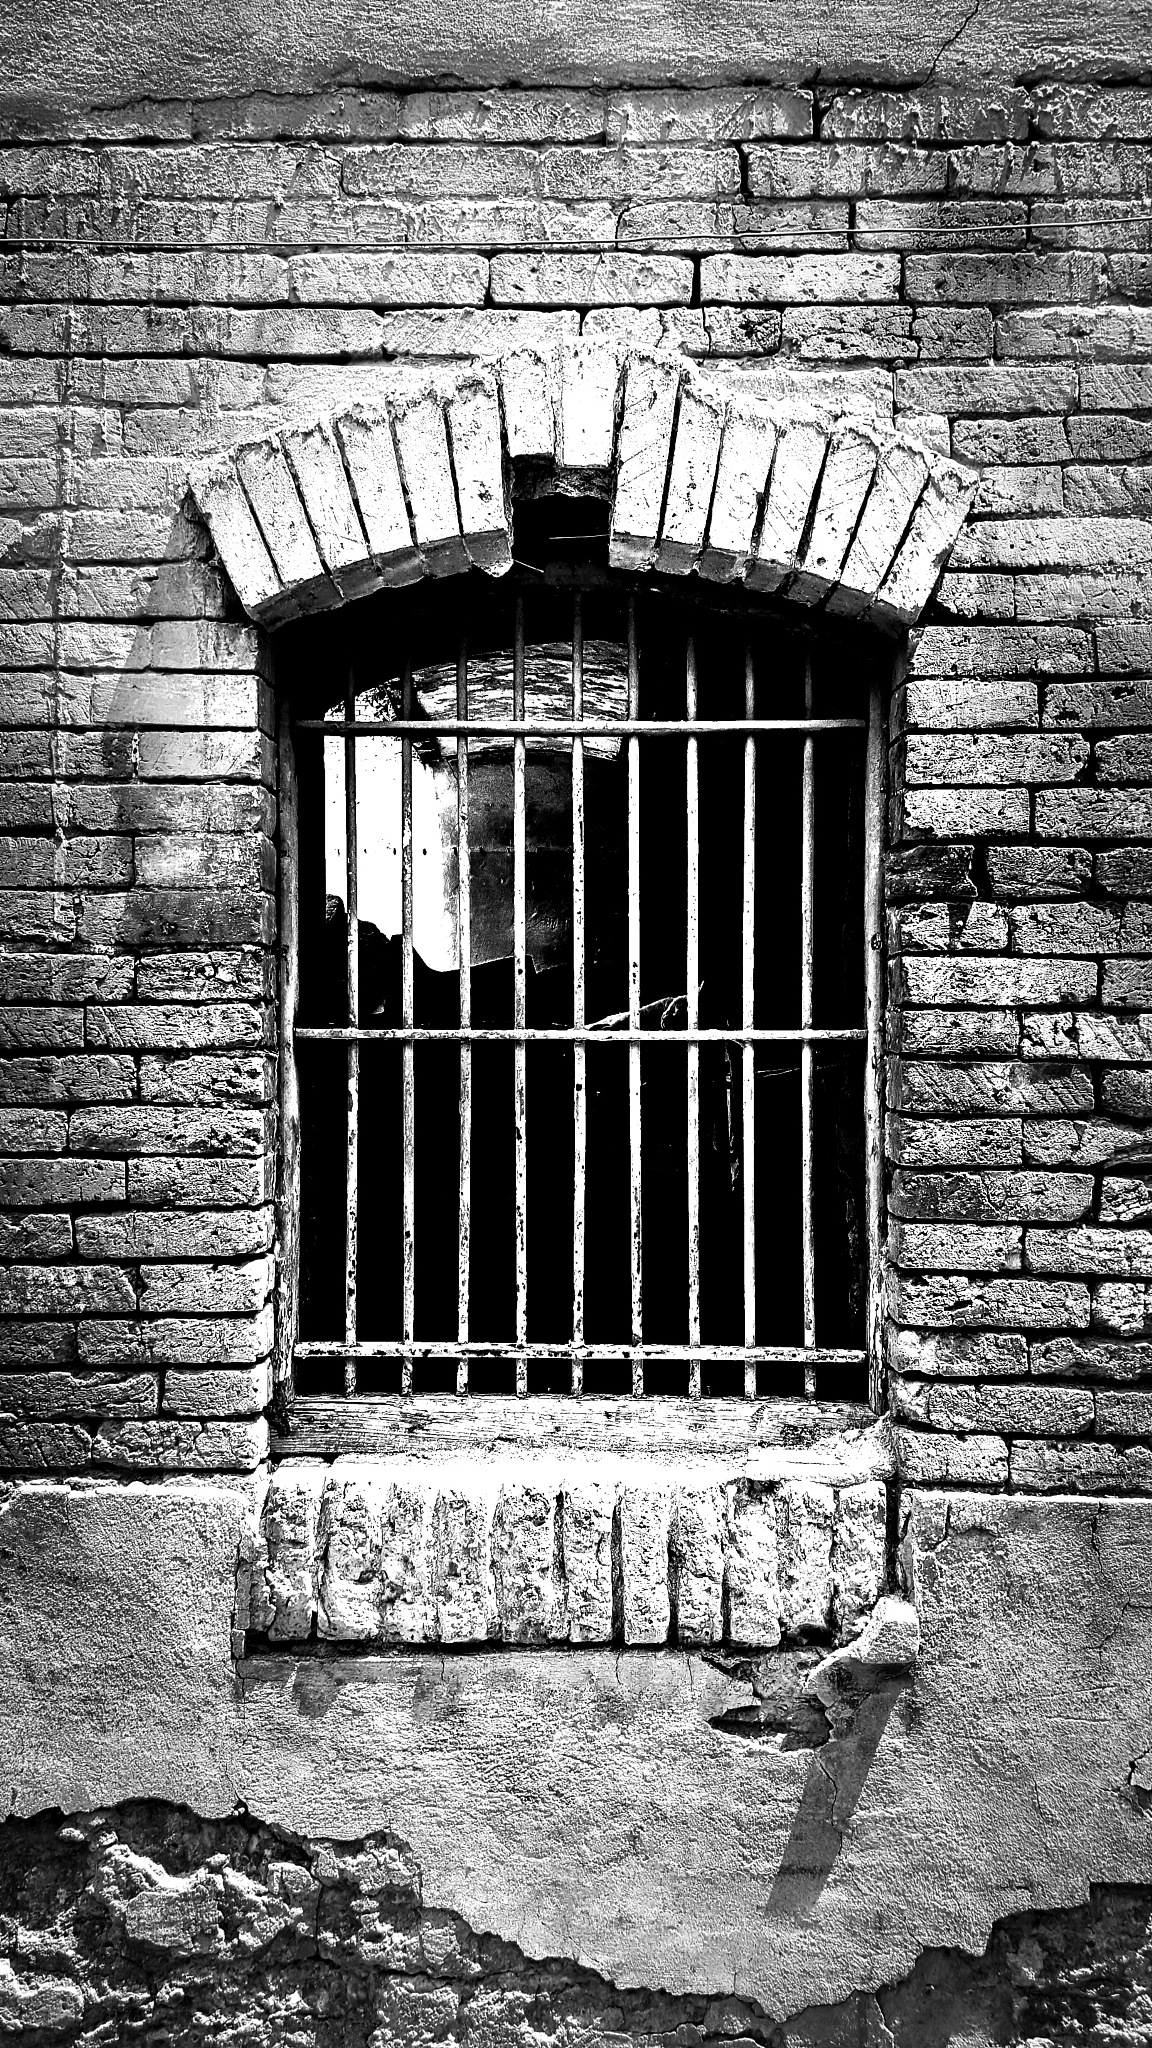 window by Mshtak Dark